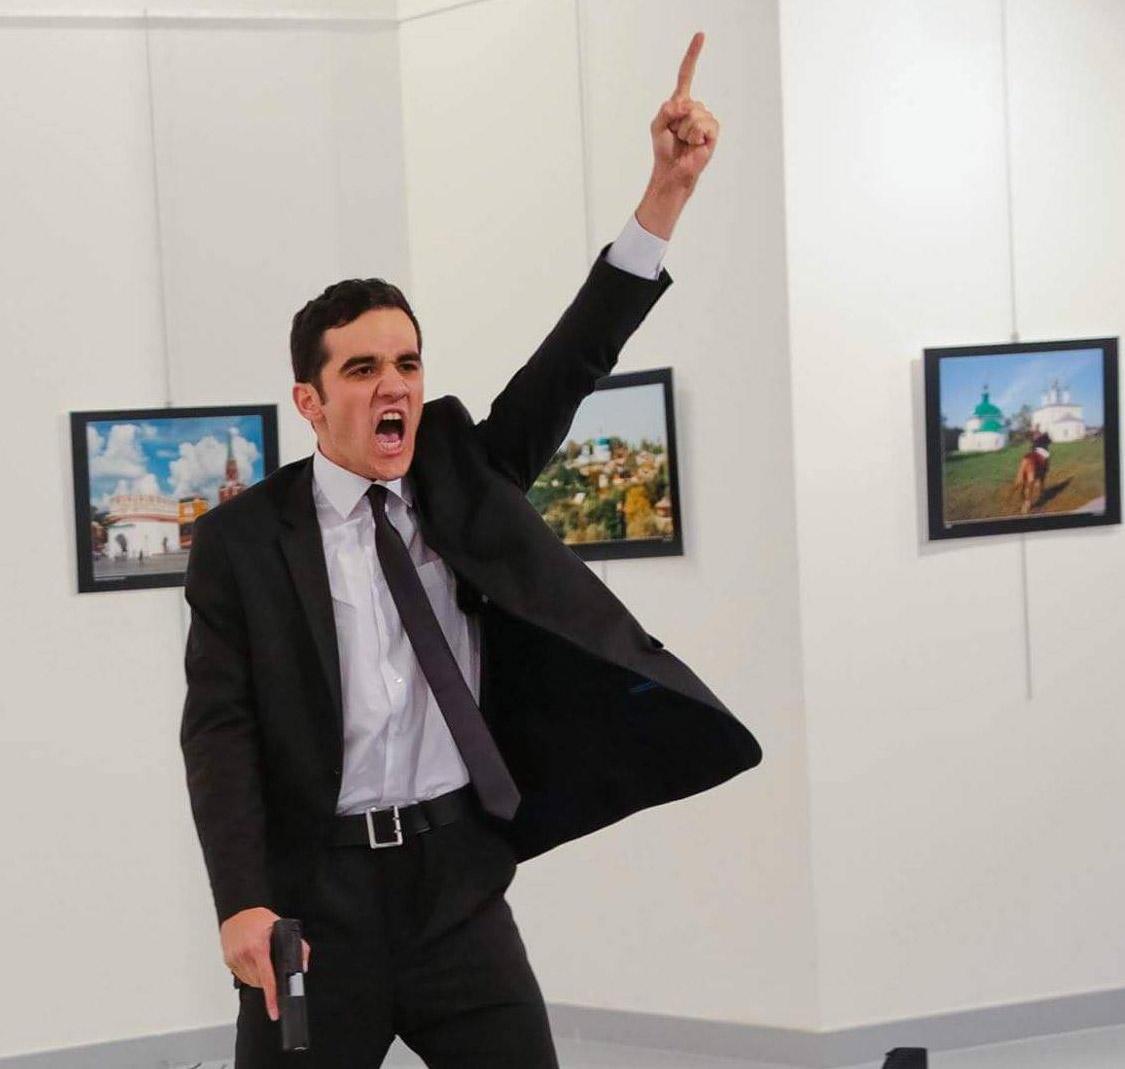 Le meurtre de l'ambassadeur, embrayeur de fiction